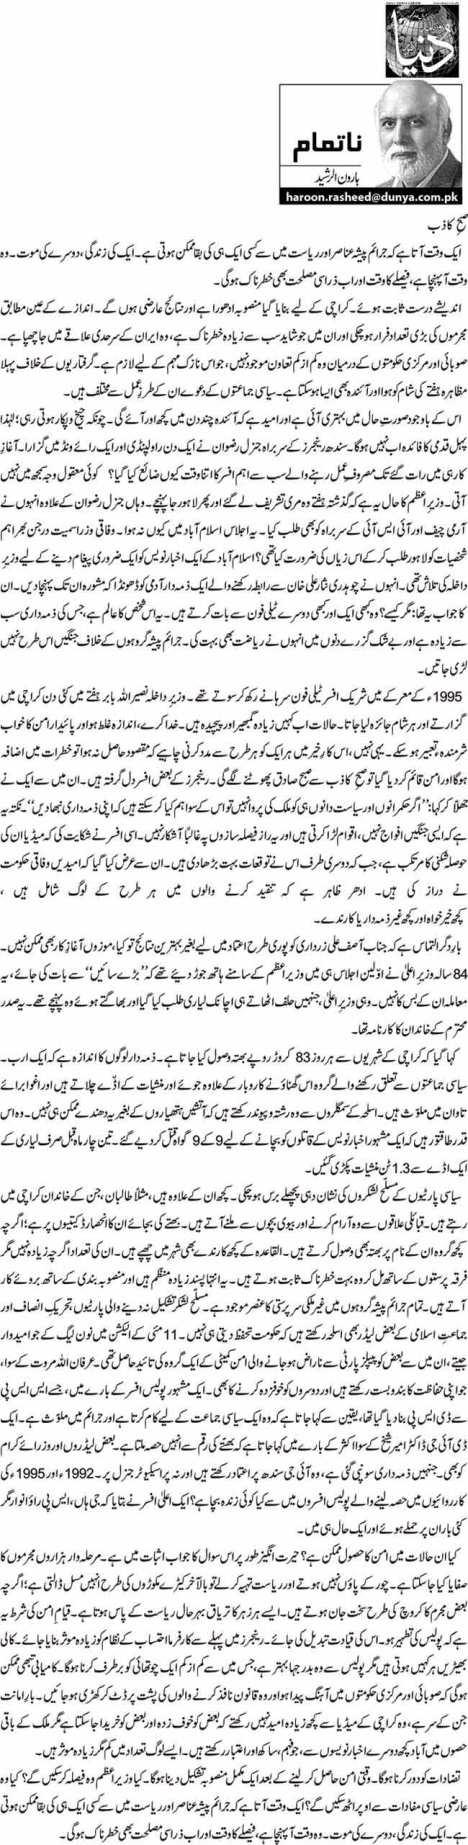 Subah e Kazib - Haroon ur Rasheed